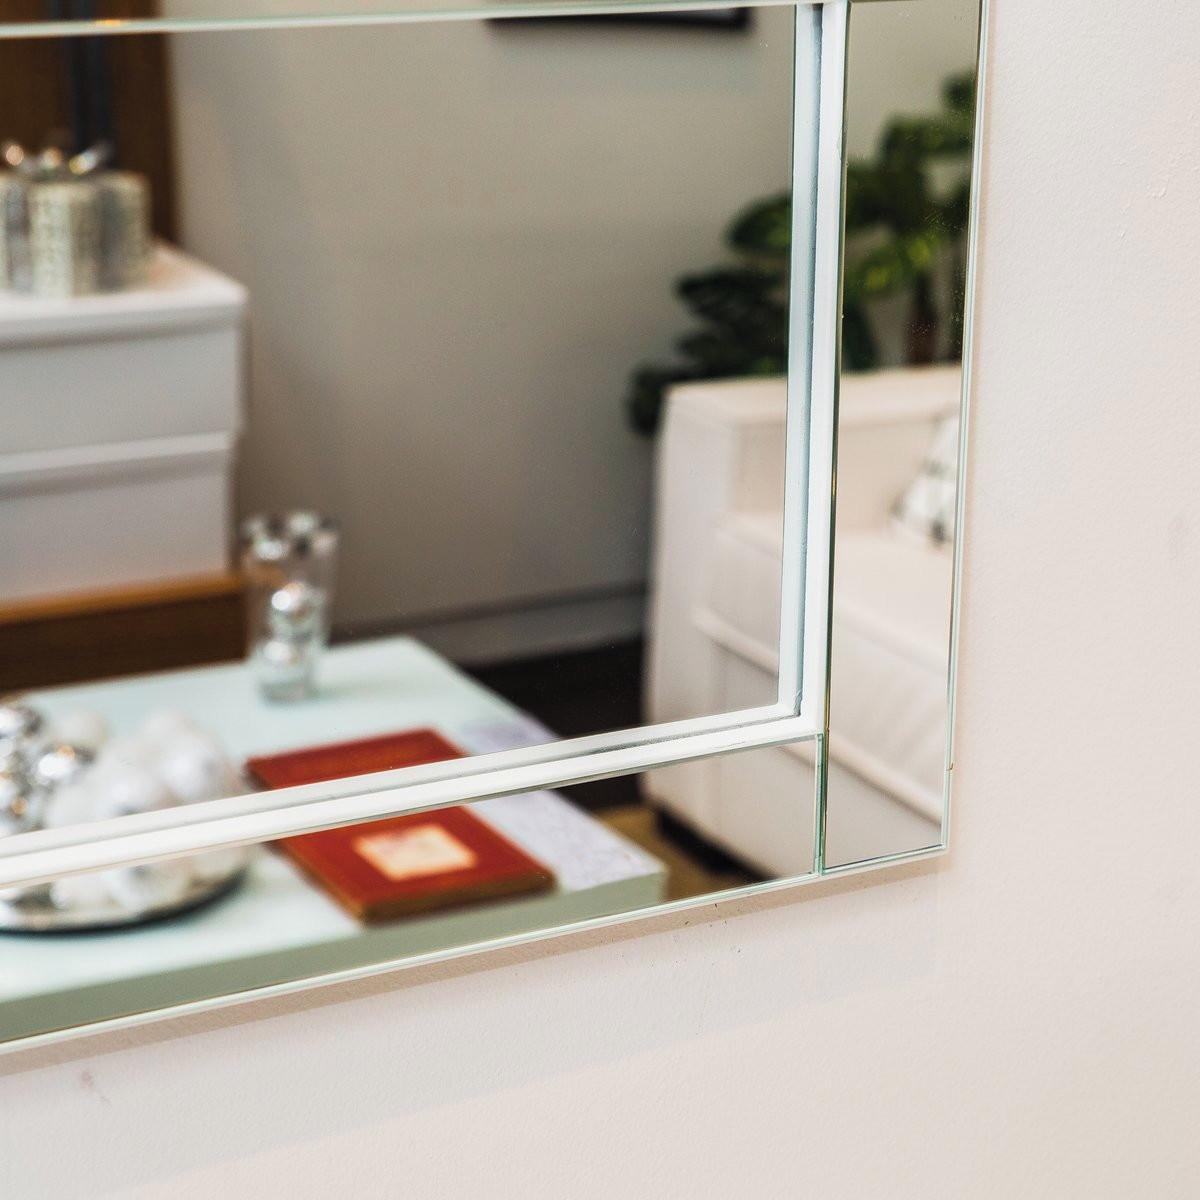 Espelho Modelo Etna Davinci Reflexa 80x180 Cm No Elo7 Daniel Florentino Leite 10d50cd